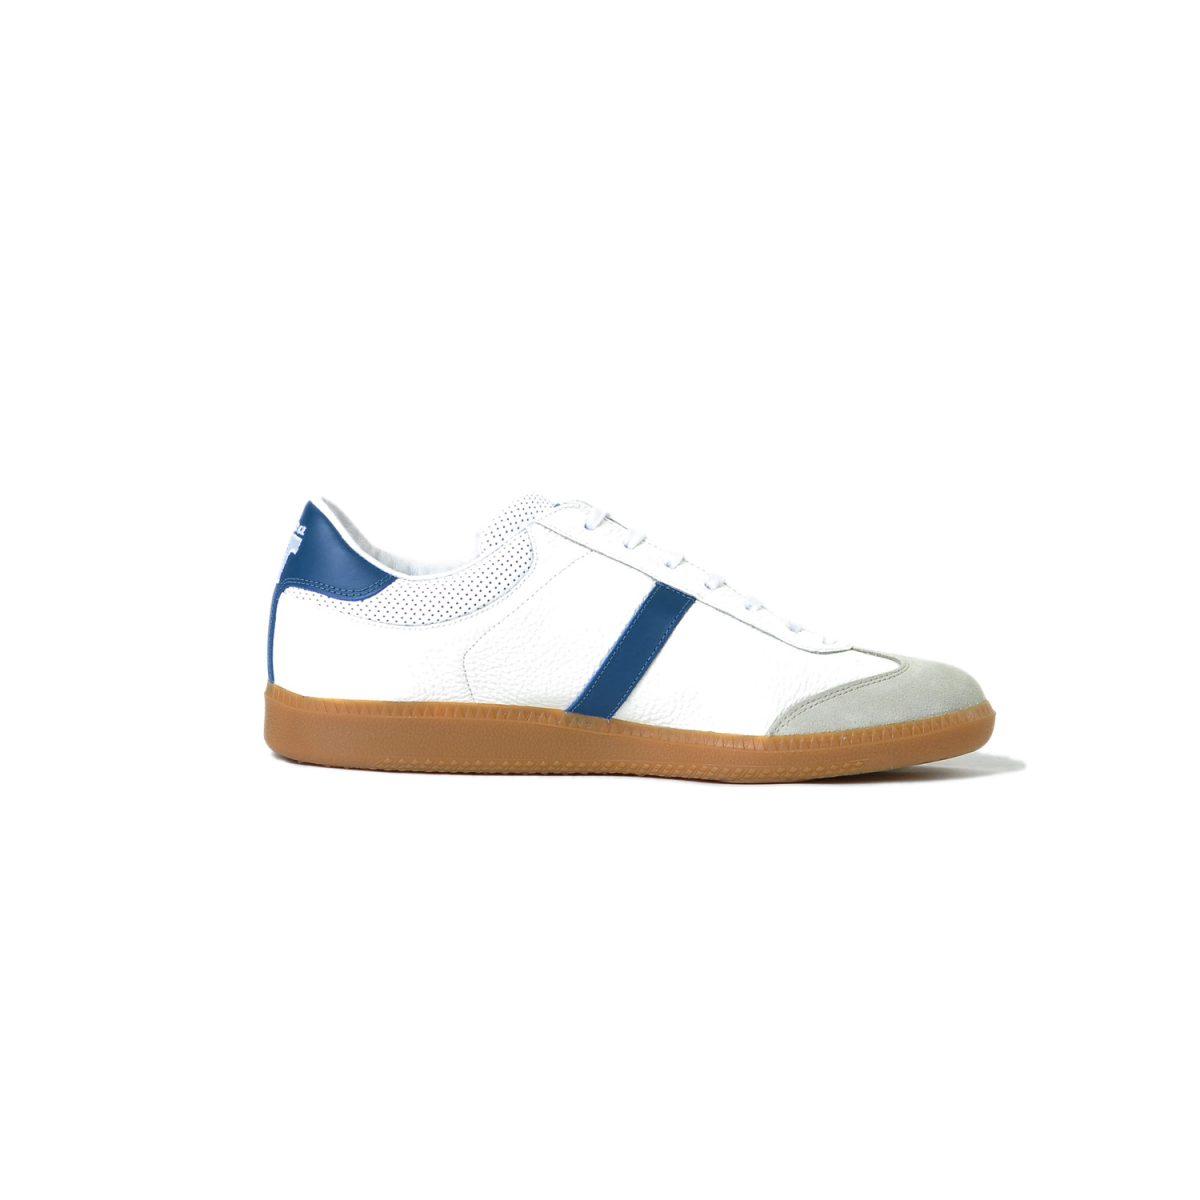 Tisza cipő - Compakt - Fehér-kék